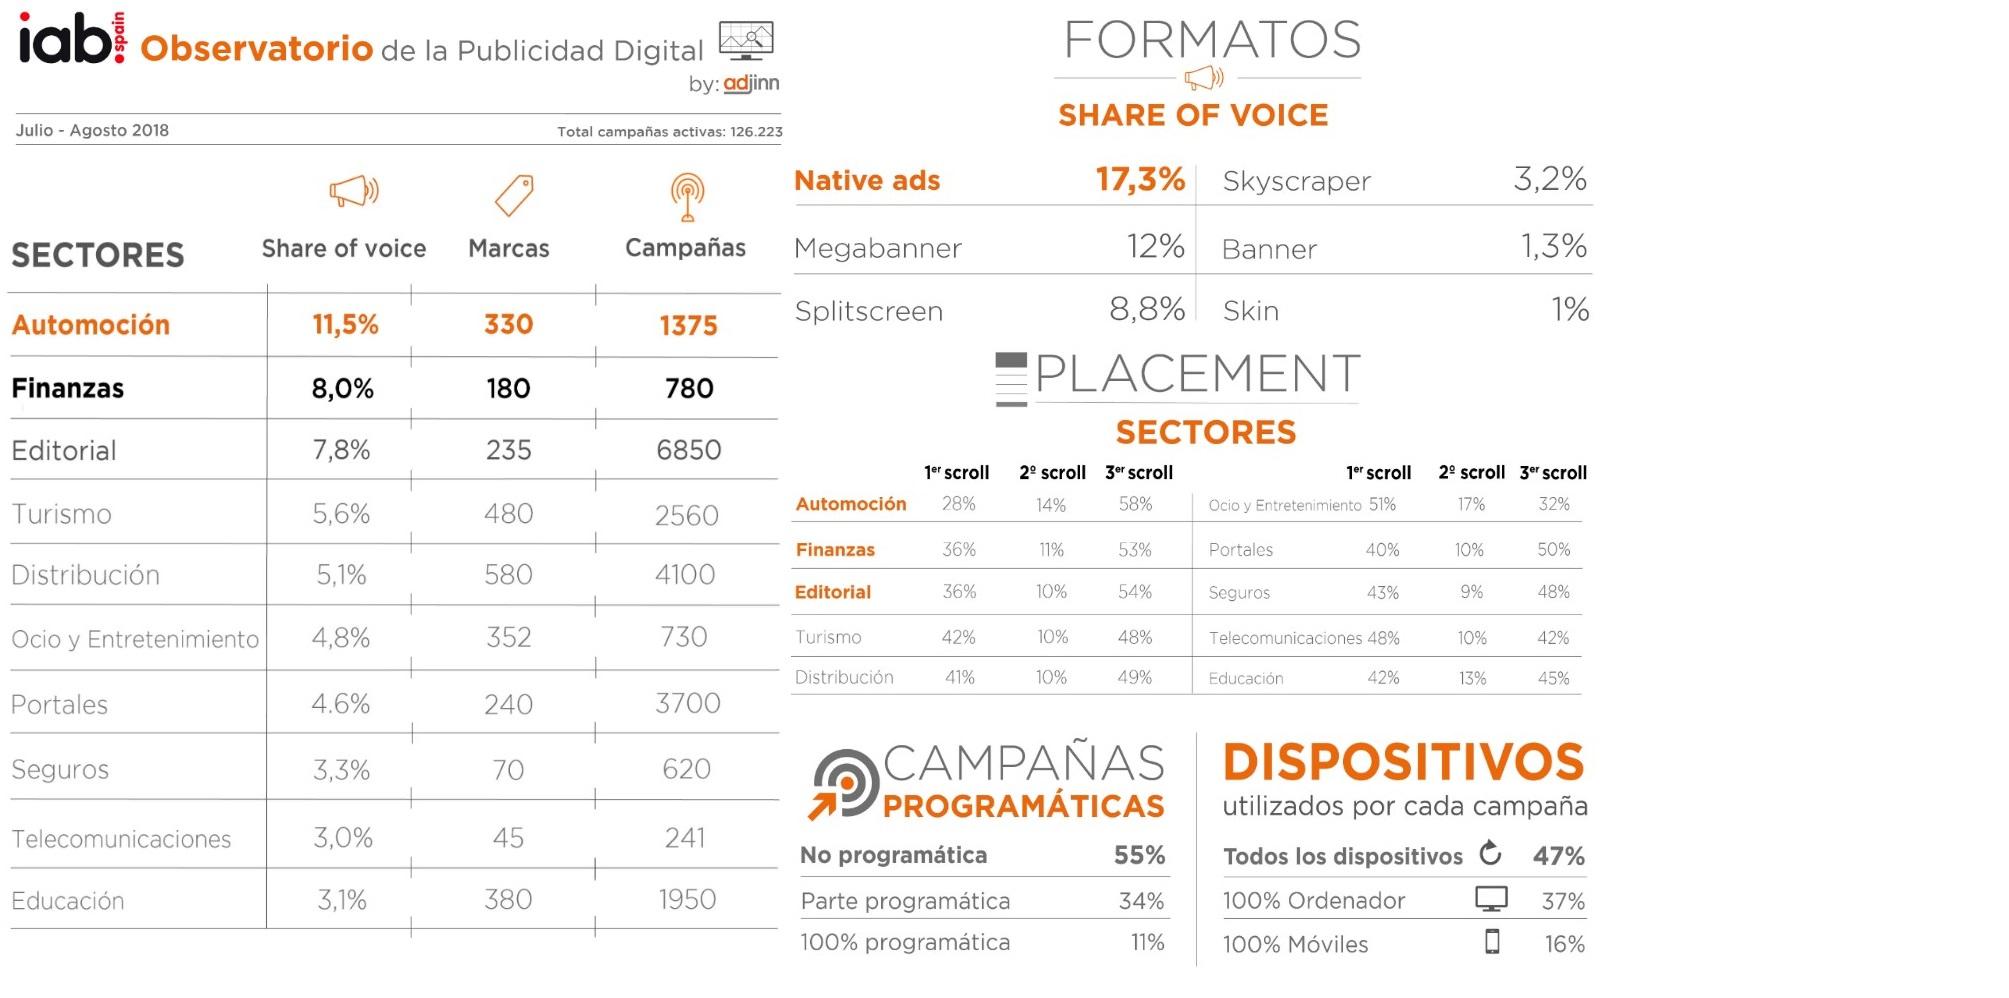 https://www.programapublicidad.com/wp-content/uploads/2018/09/Observatorio-Publicidad-Digital-IAB-Spainjulio-agosto-2018-programapublicidad-muy-grande.jpg